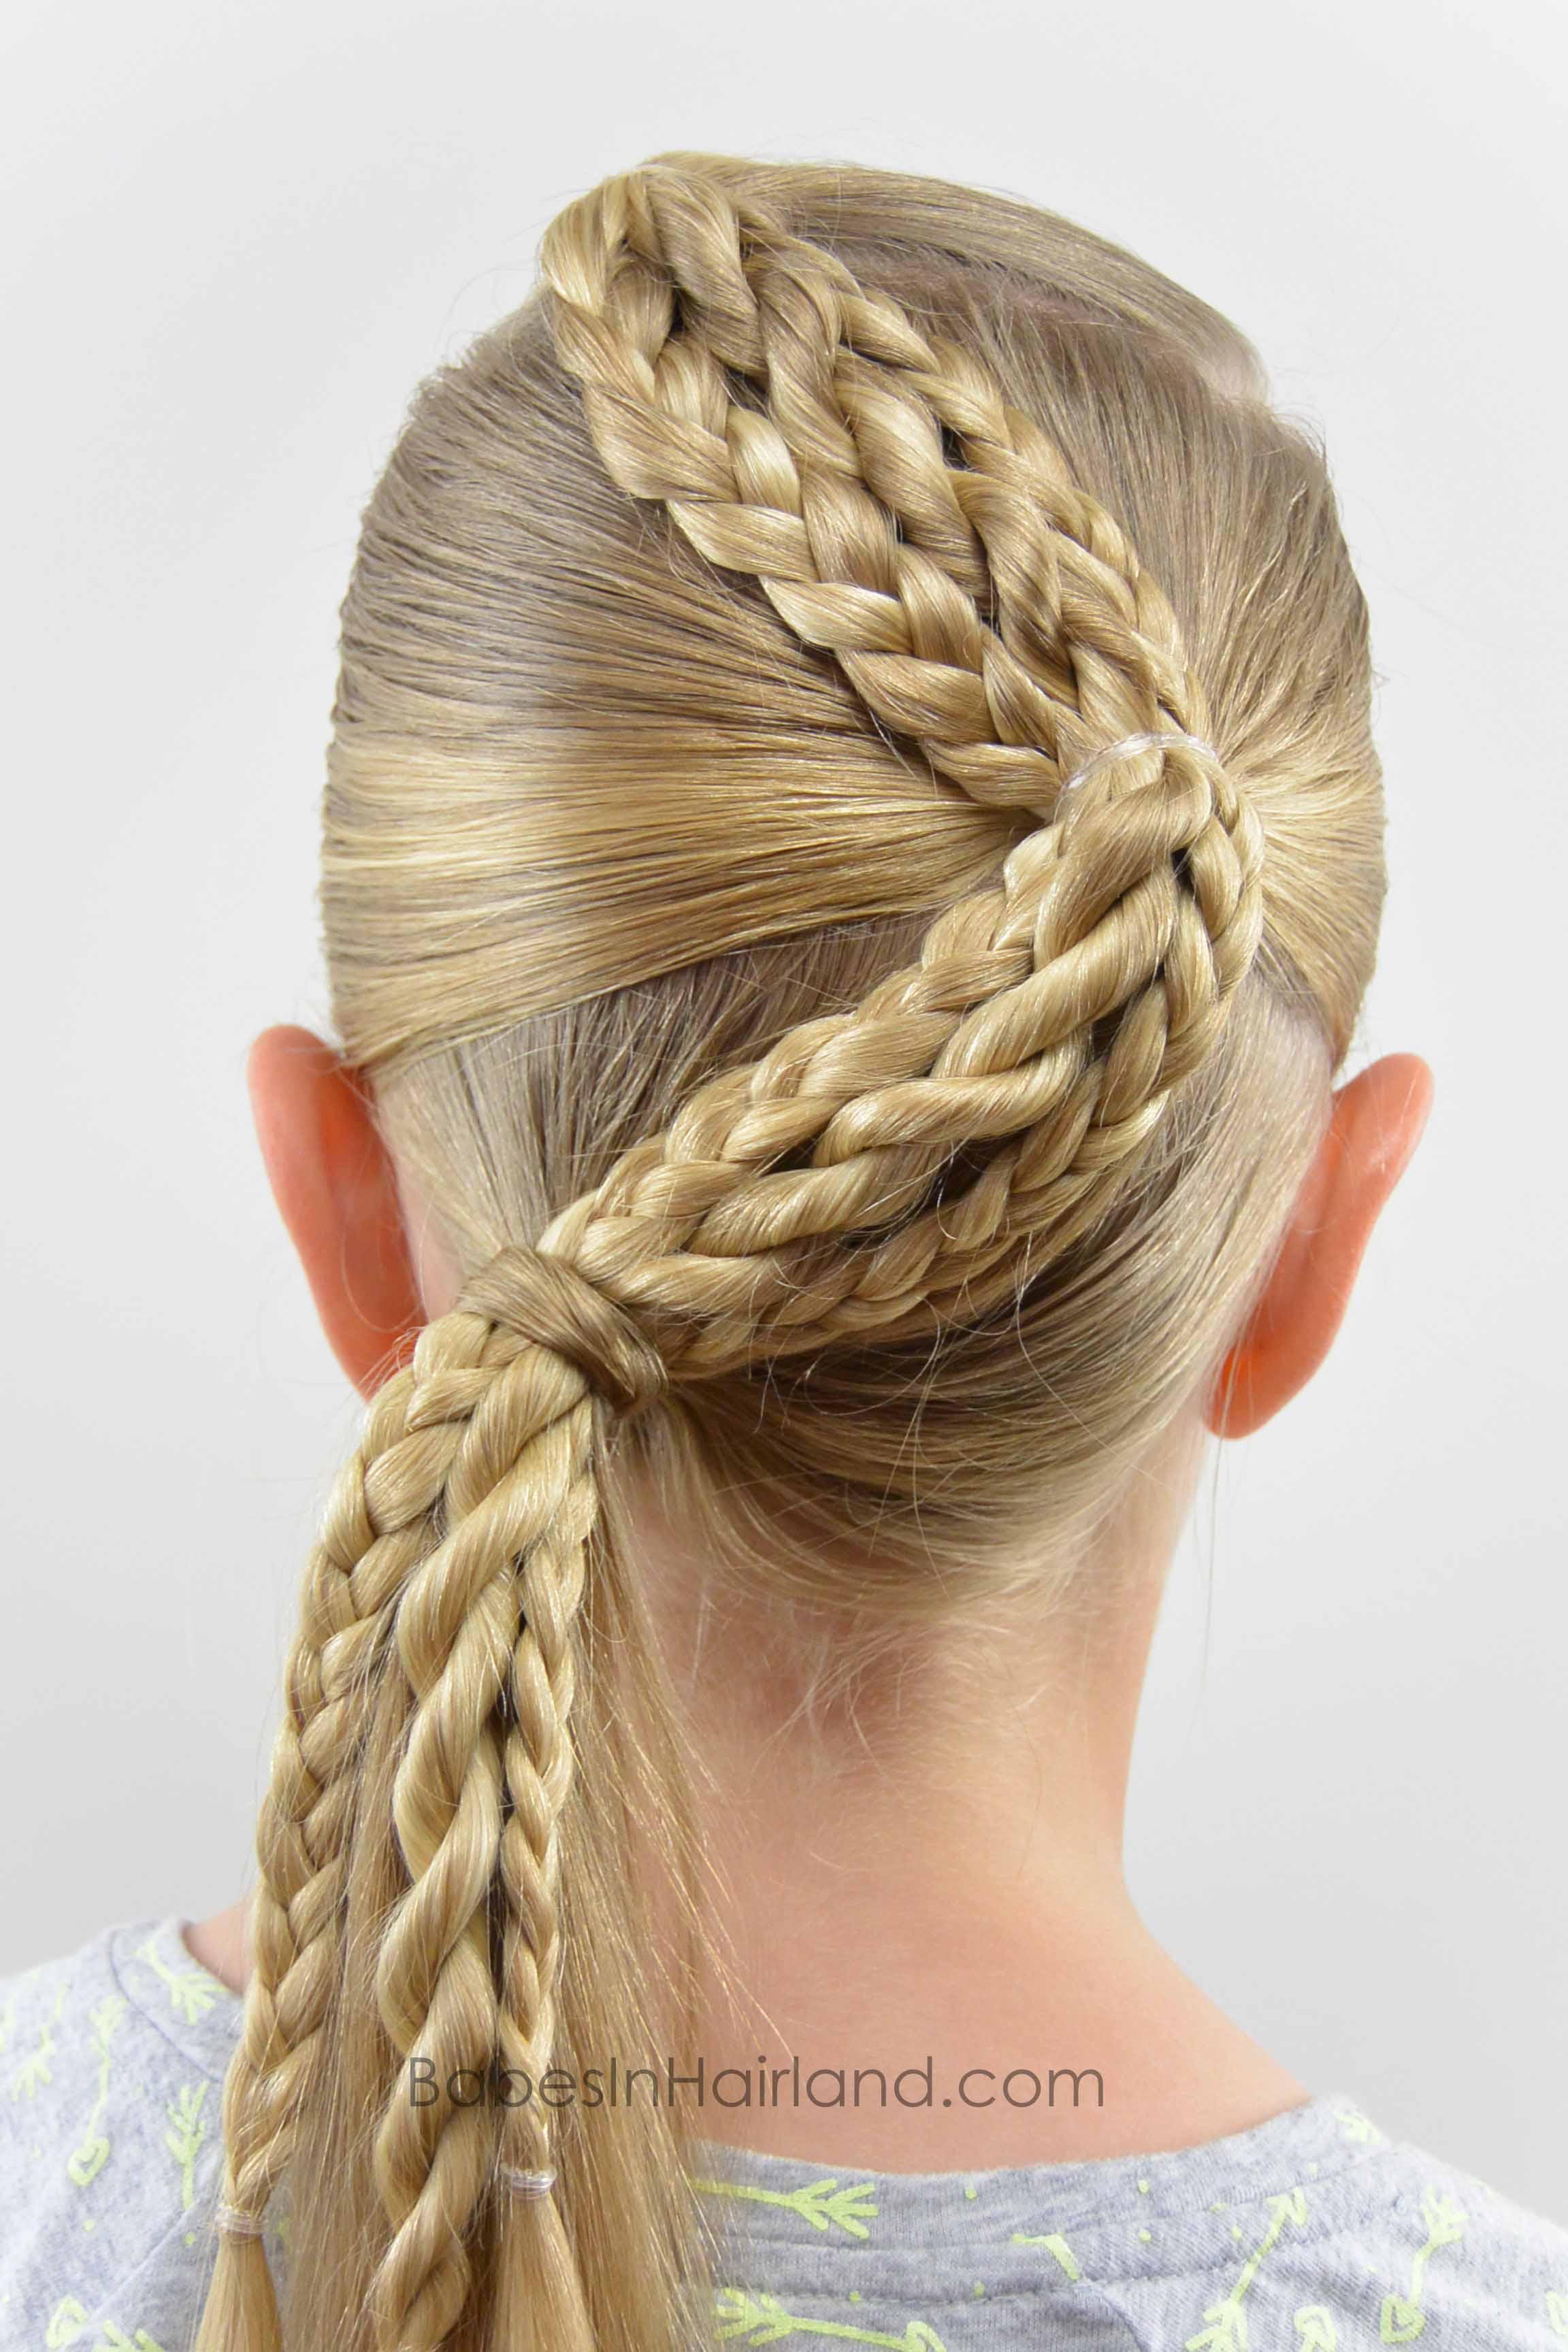 zig zag braids - babes in hairland